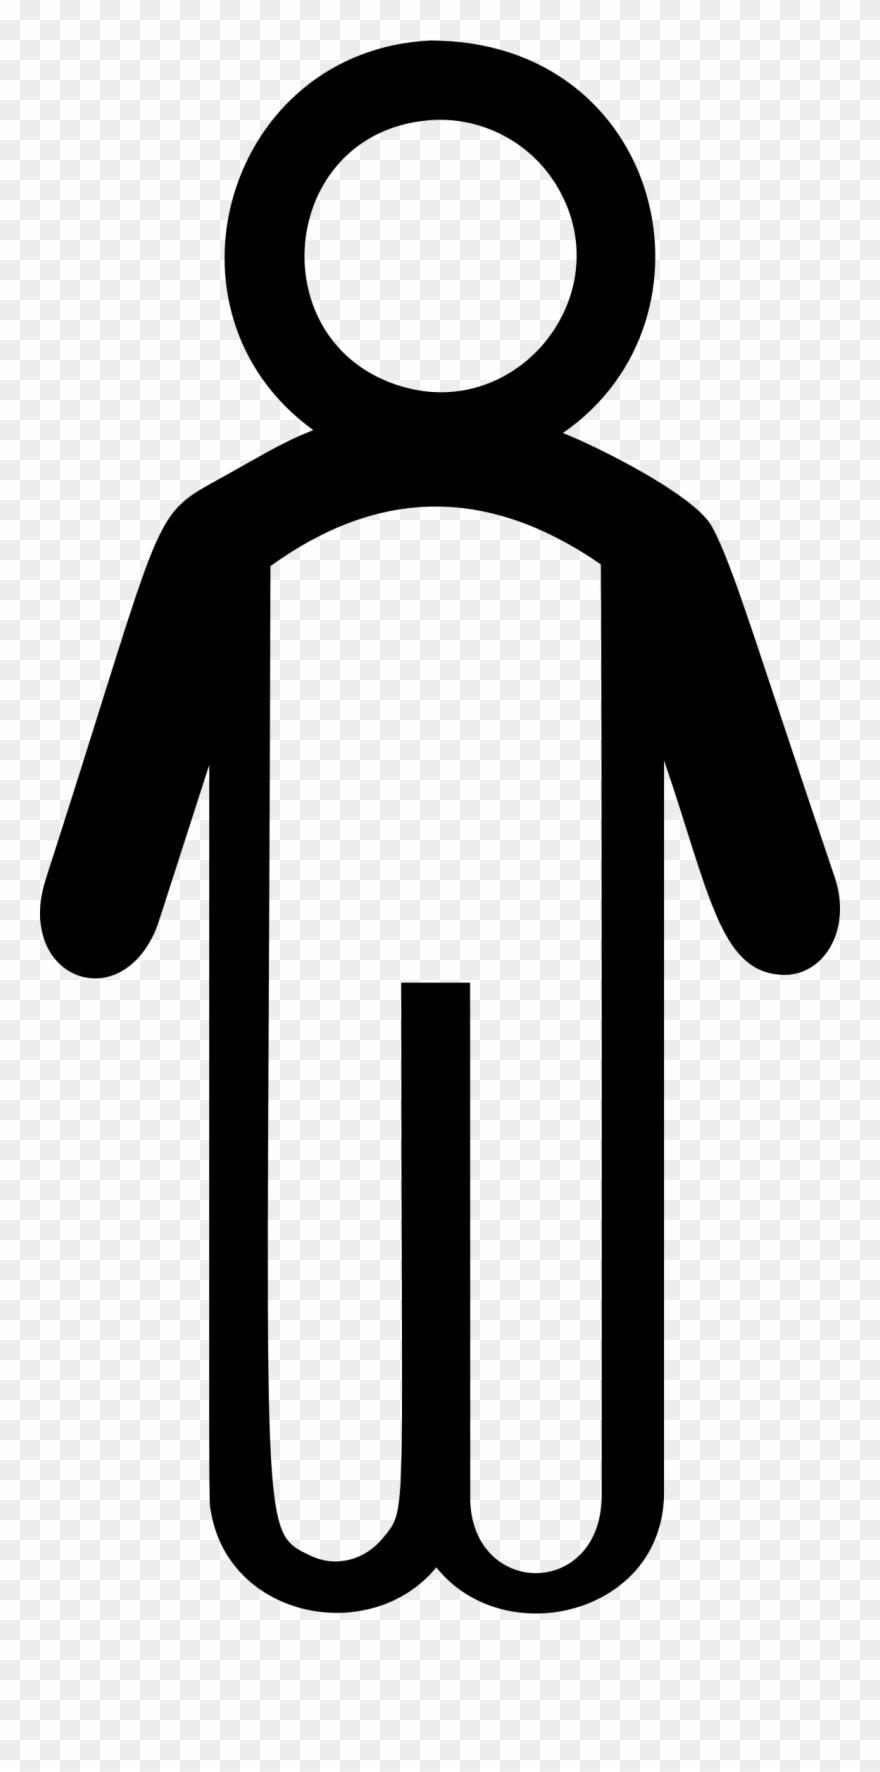 Big image clip art. Human clipart human figure